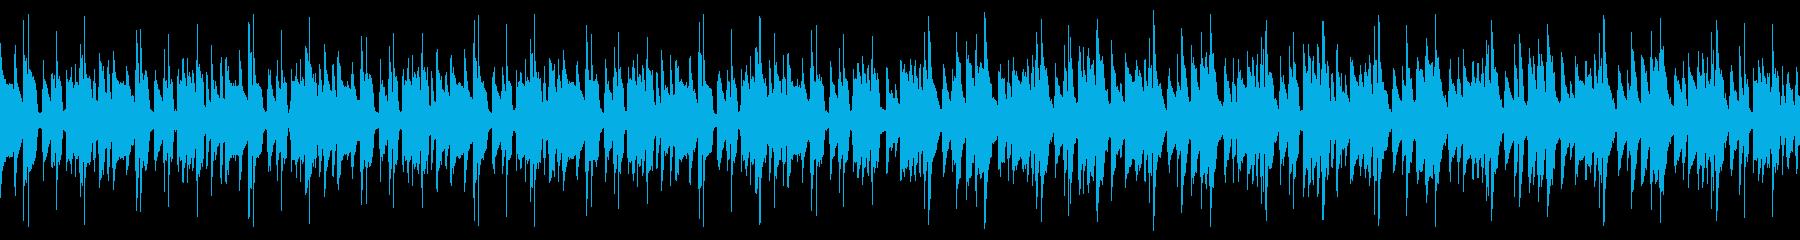 夏らしい南国ゆったりハッピーな曲(ループの再生済みの波形